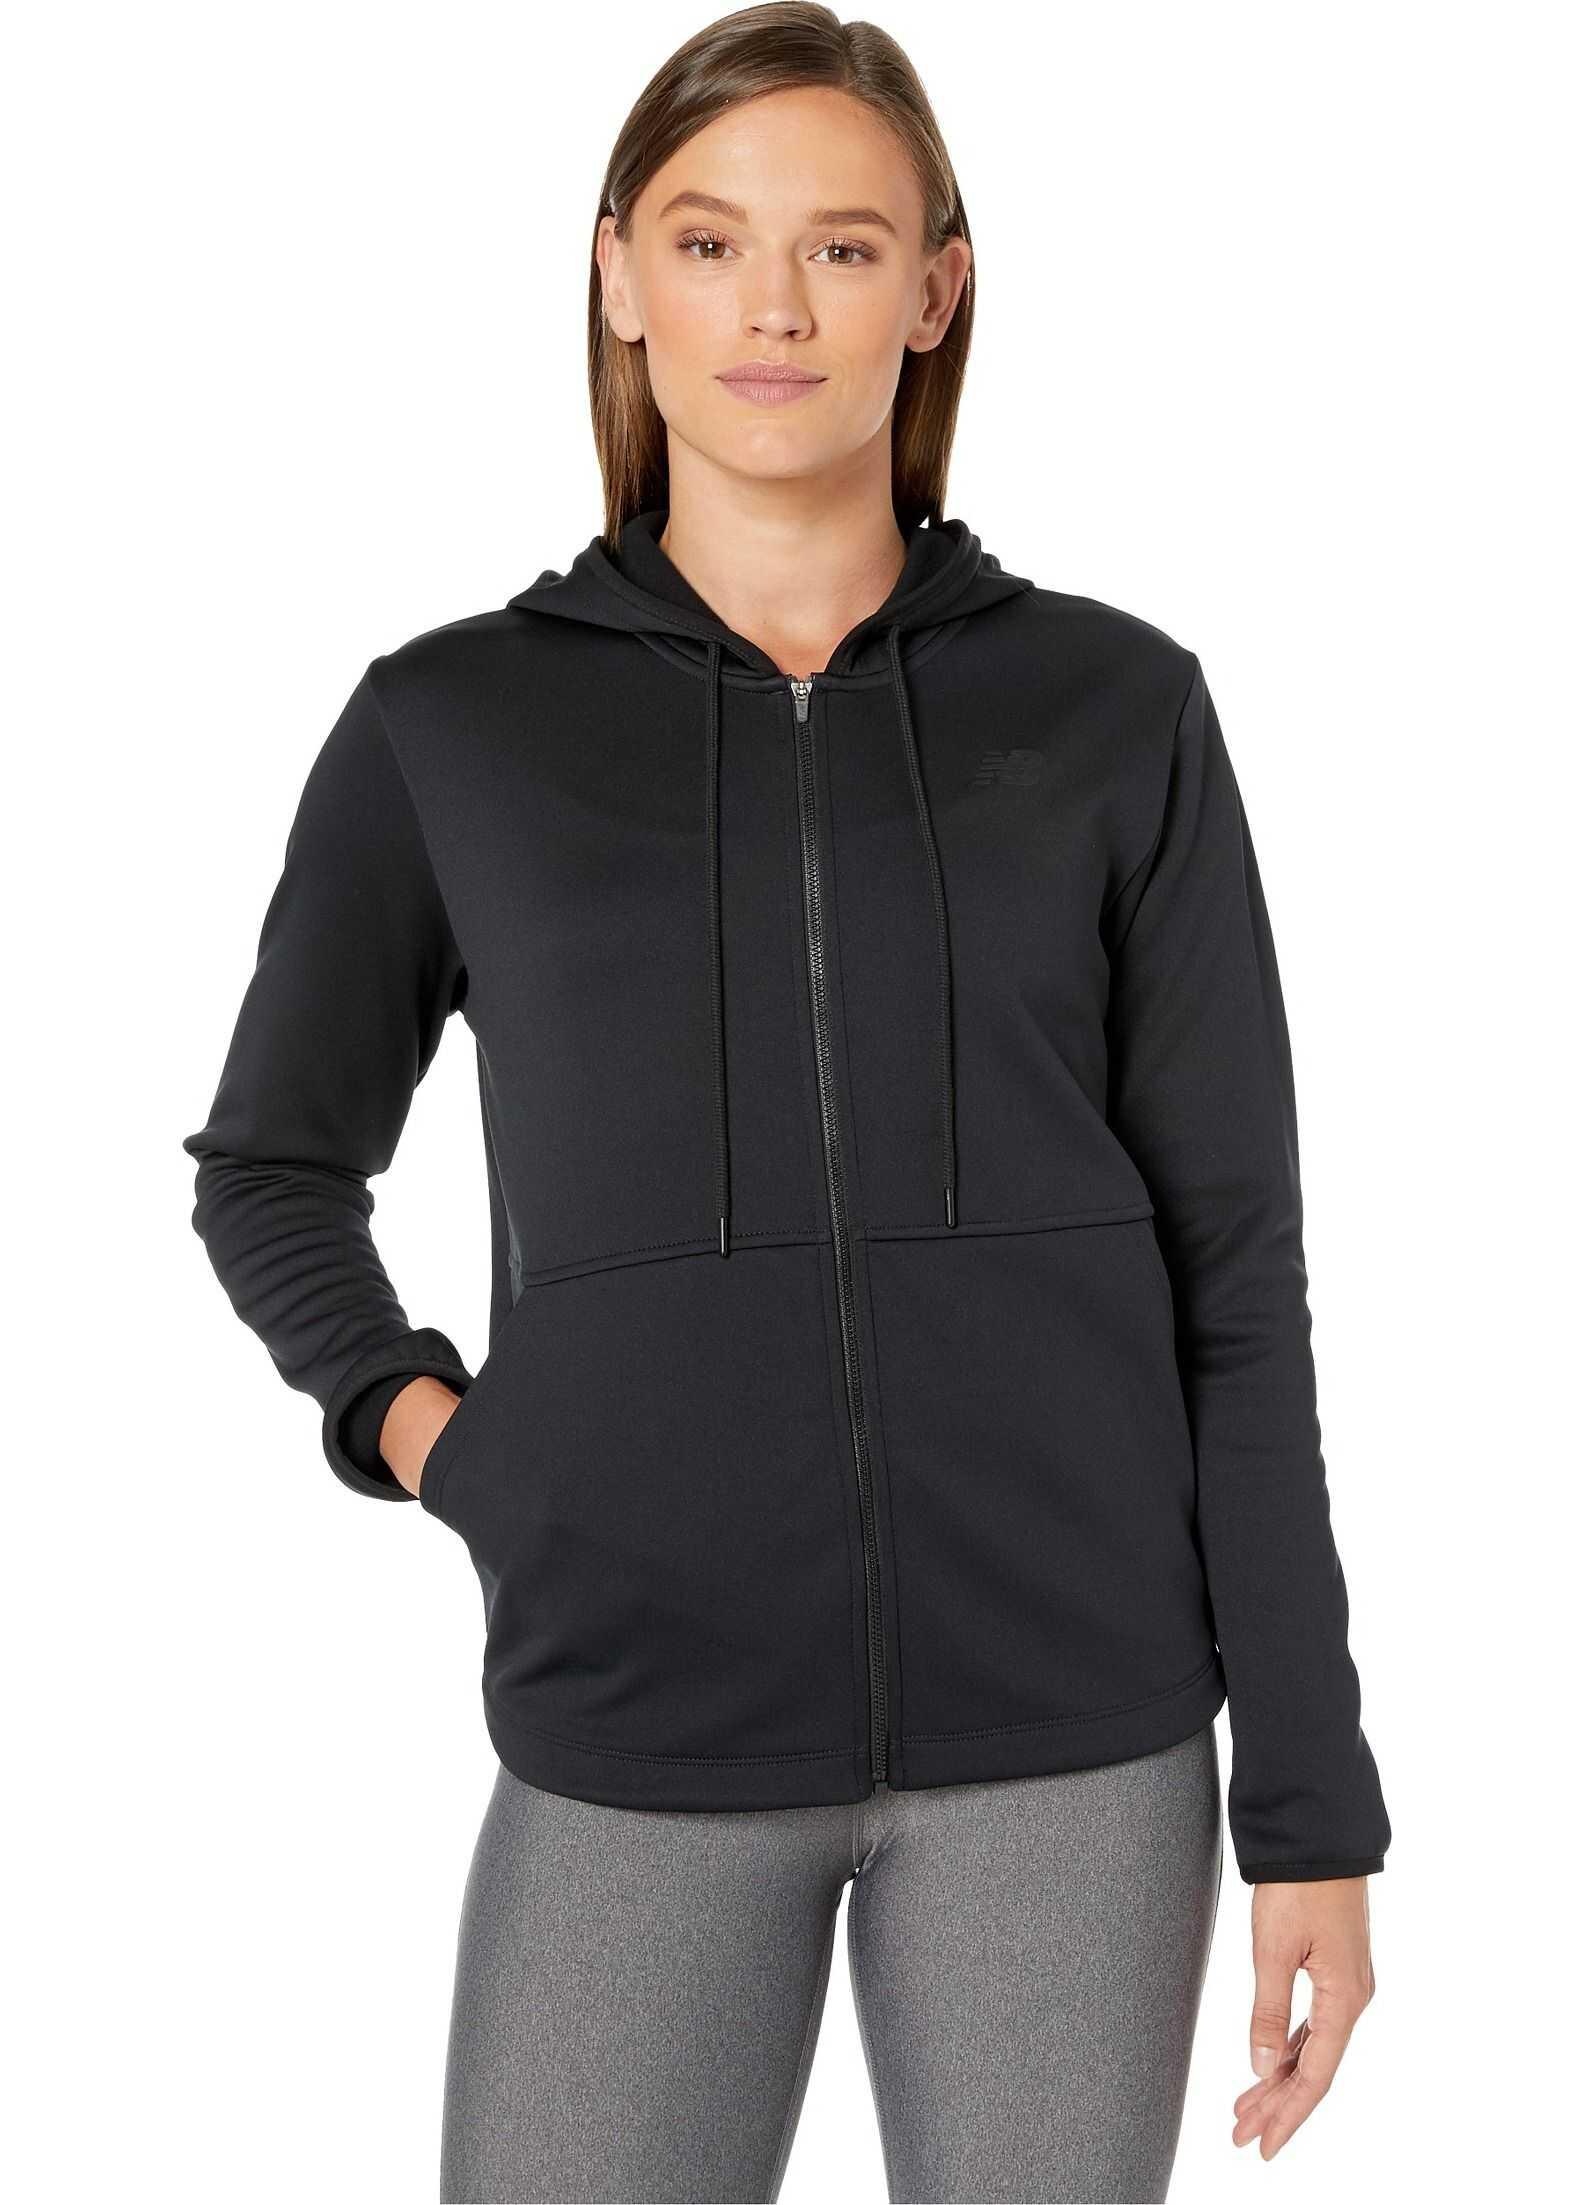 New Balance Relentless Fleece Full Zip Black